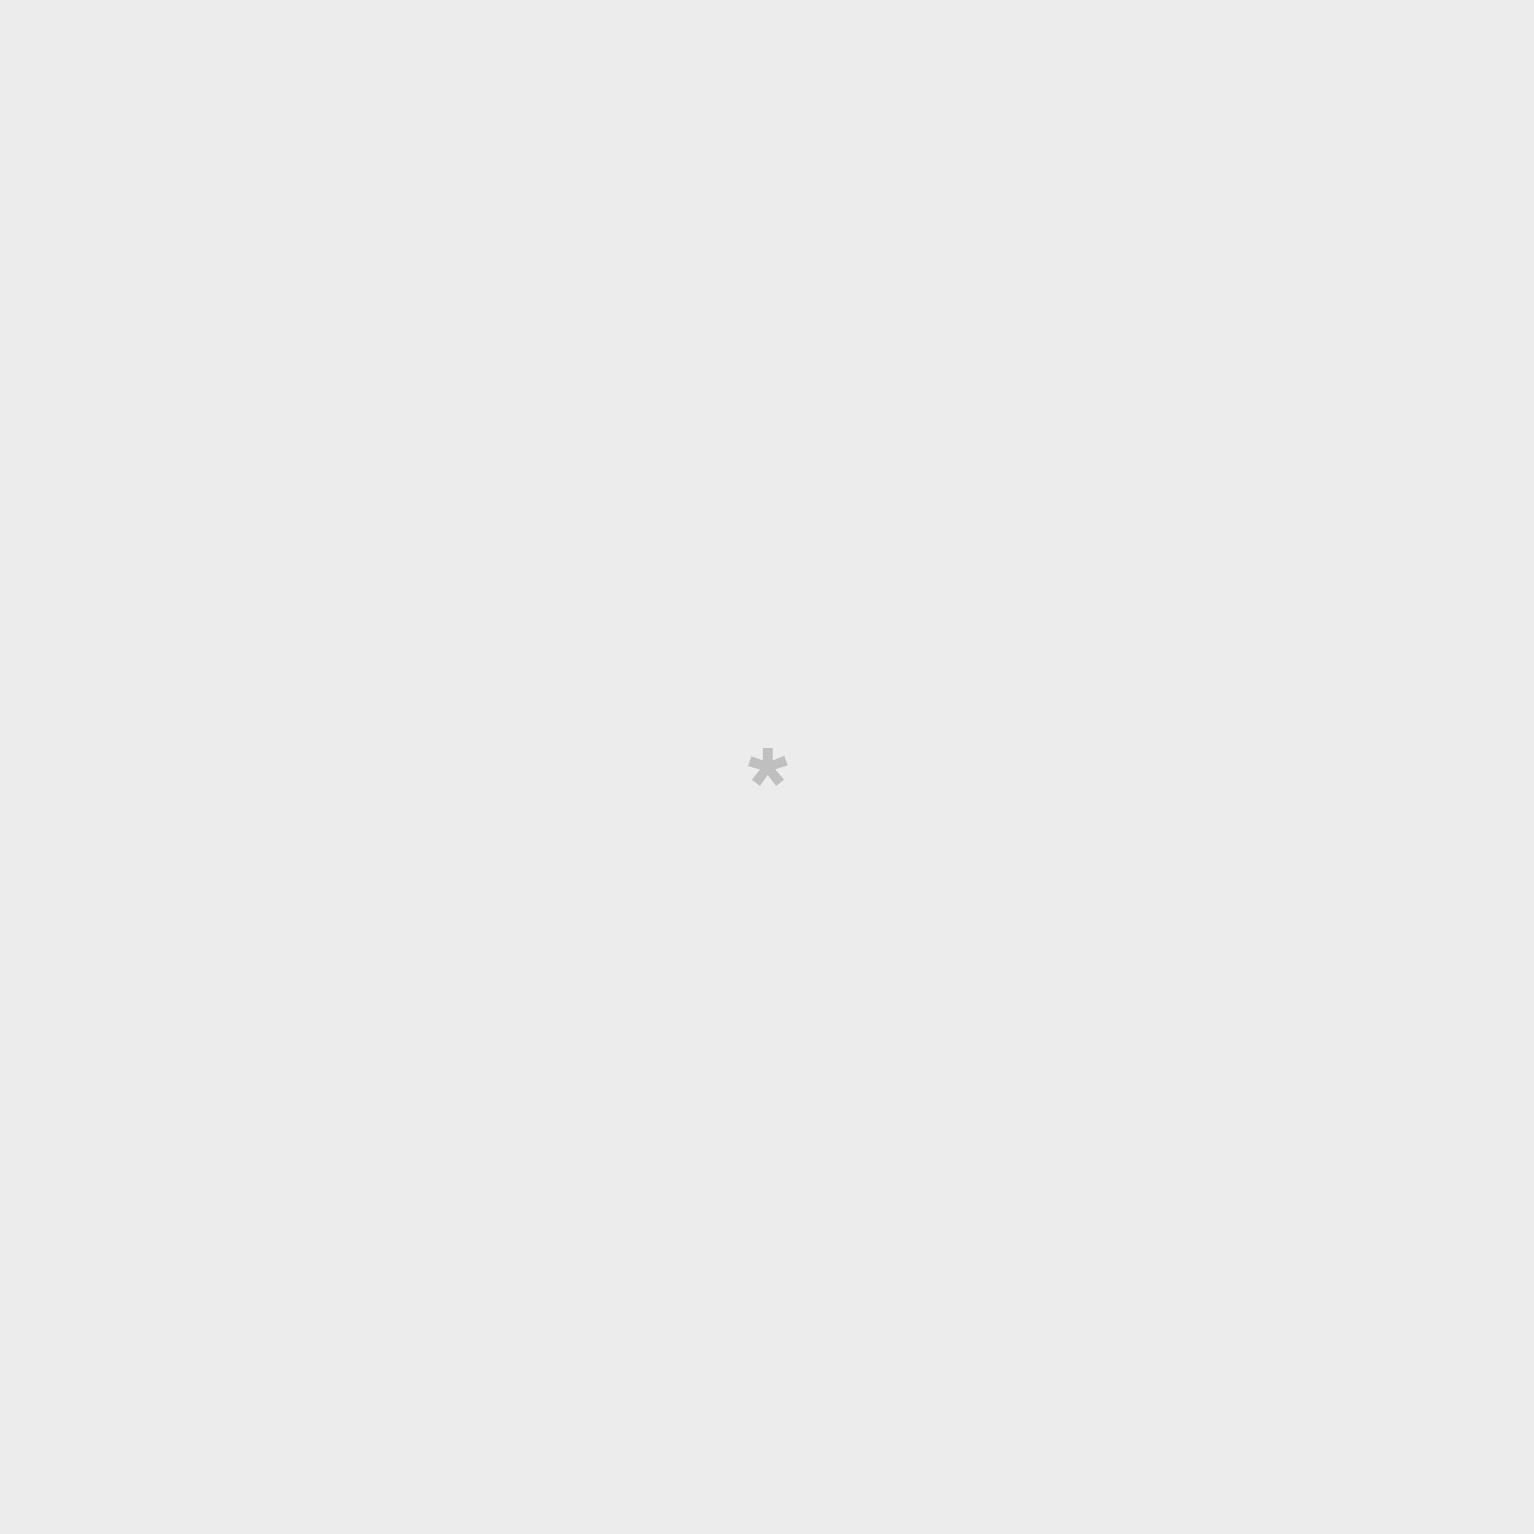 Caderno - Todos os grandes sonhos começam com uma